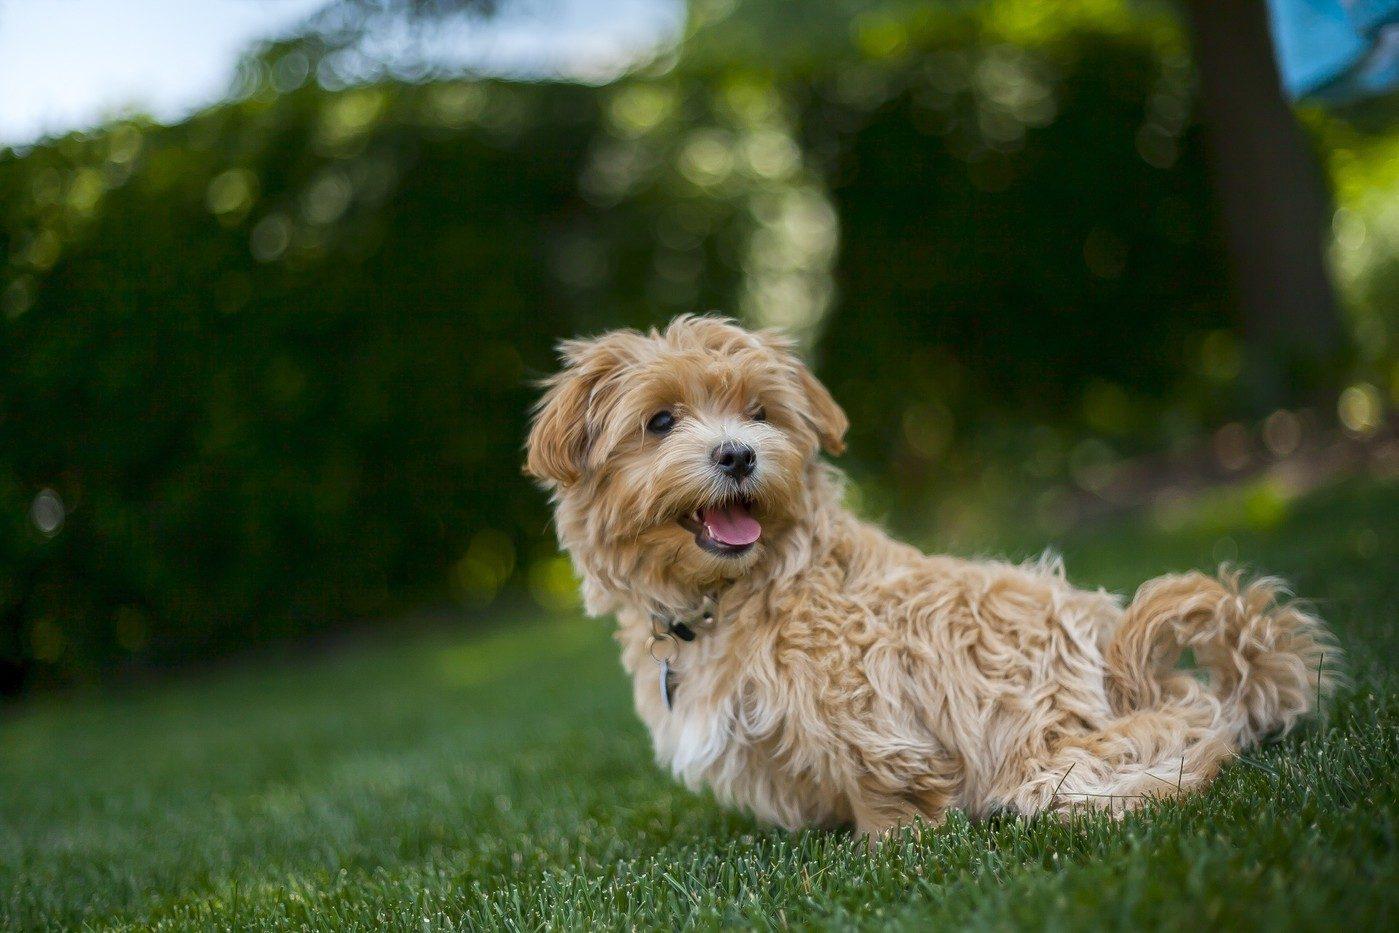 Soleil chien